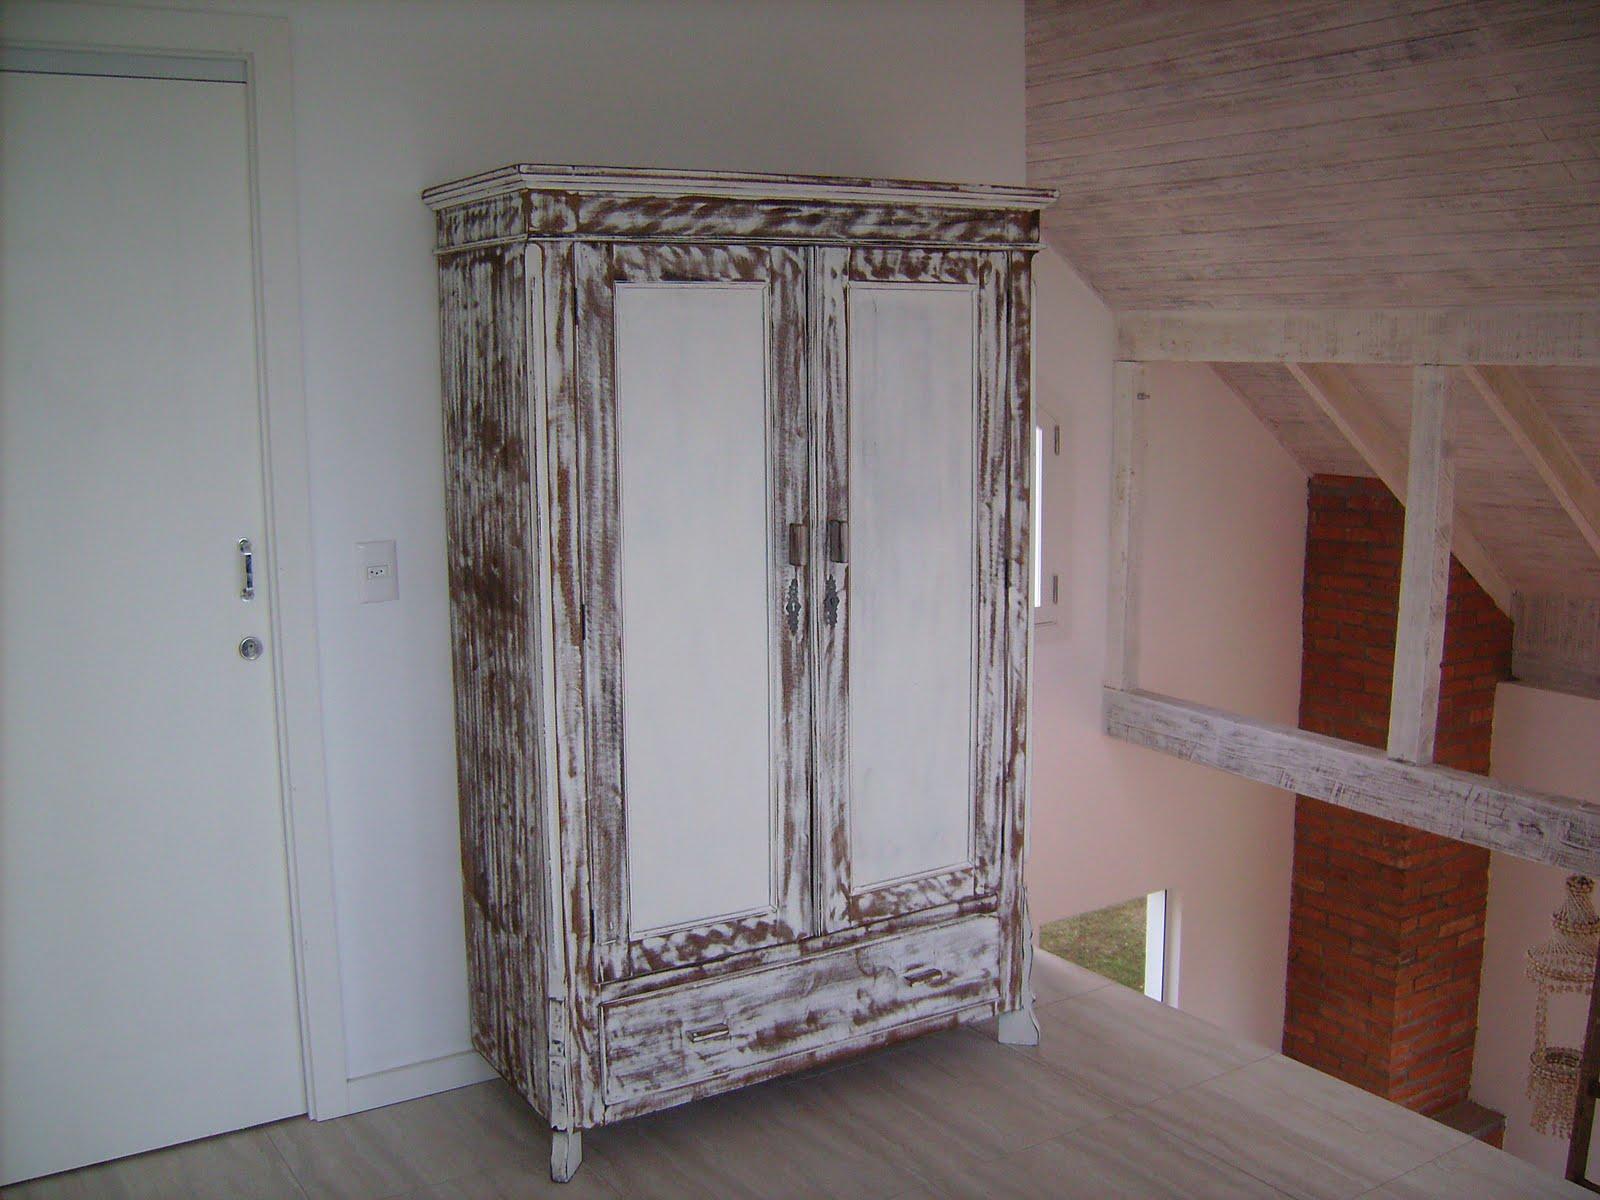 #47322D sua acomchegante casa de praia em Estaleiro em Balneário Camboriu 1600x1200 px como reformar armario de madeira antigo @ bernauer.info Móveis Antigos Novos E Usados Online